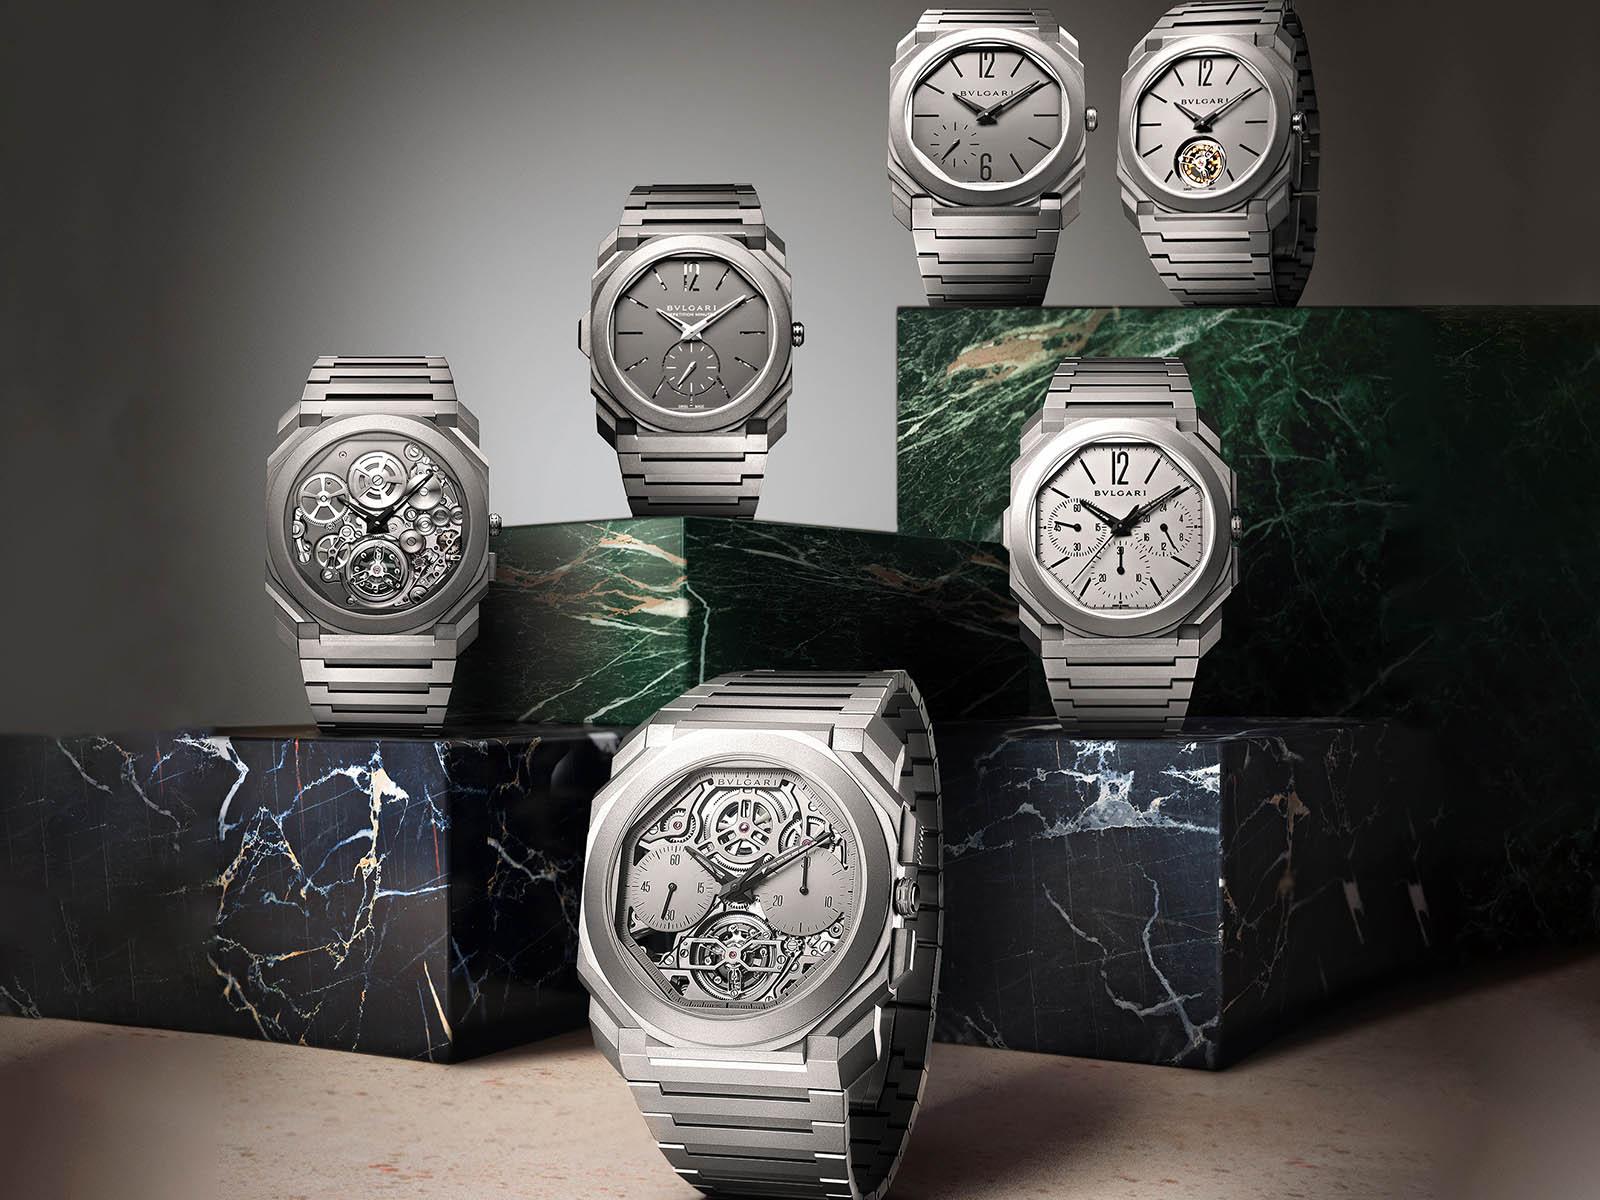 103295-bulgari-octo-finissimo-tourbillon-chronograph-skeleton-automatic-1.jpg